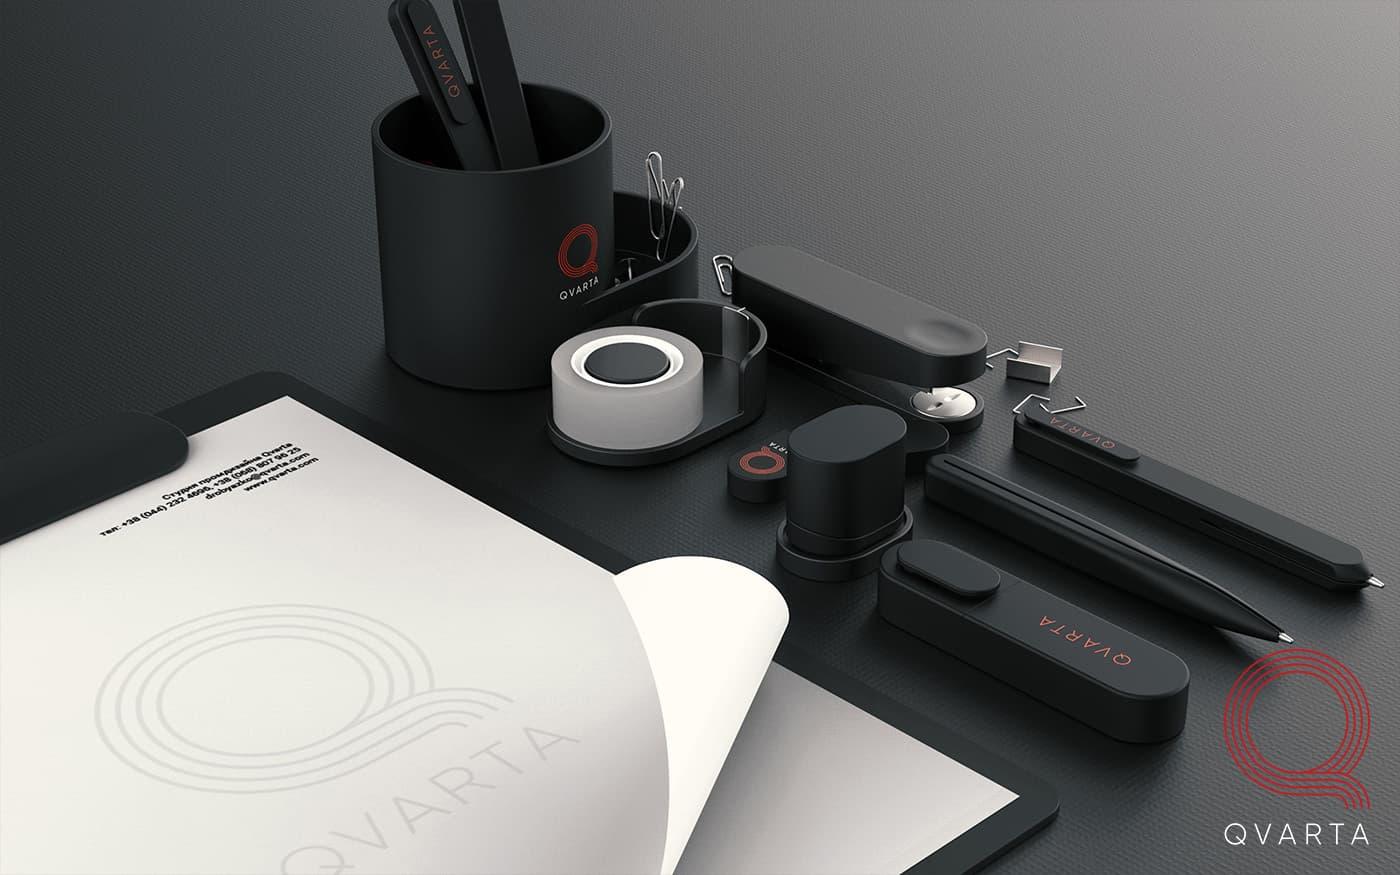 Фото набора канцелярии с лого Qvarta, вид сбоку.